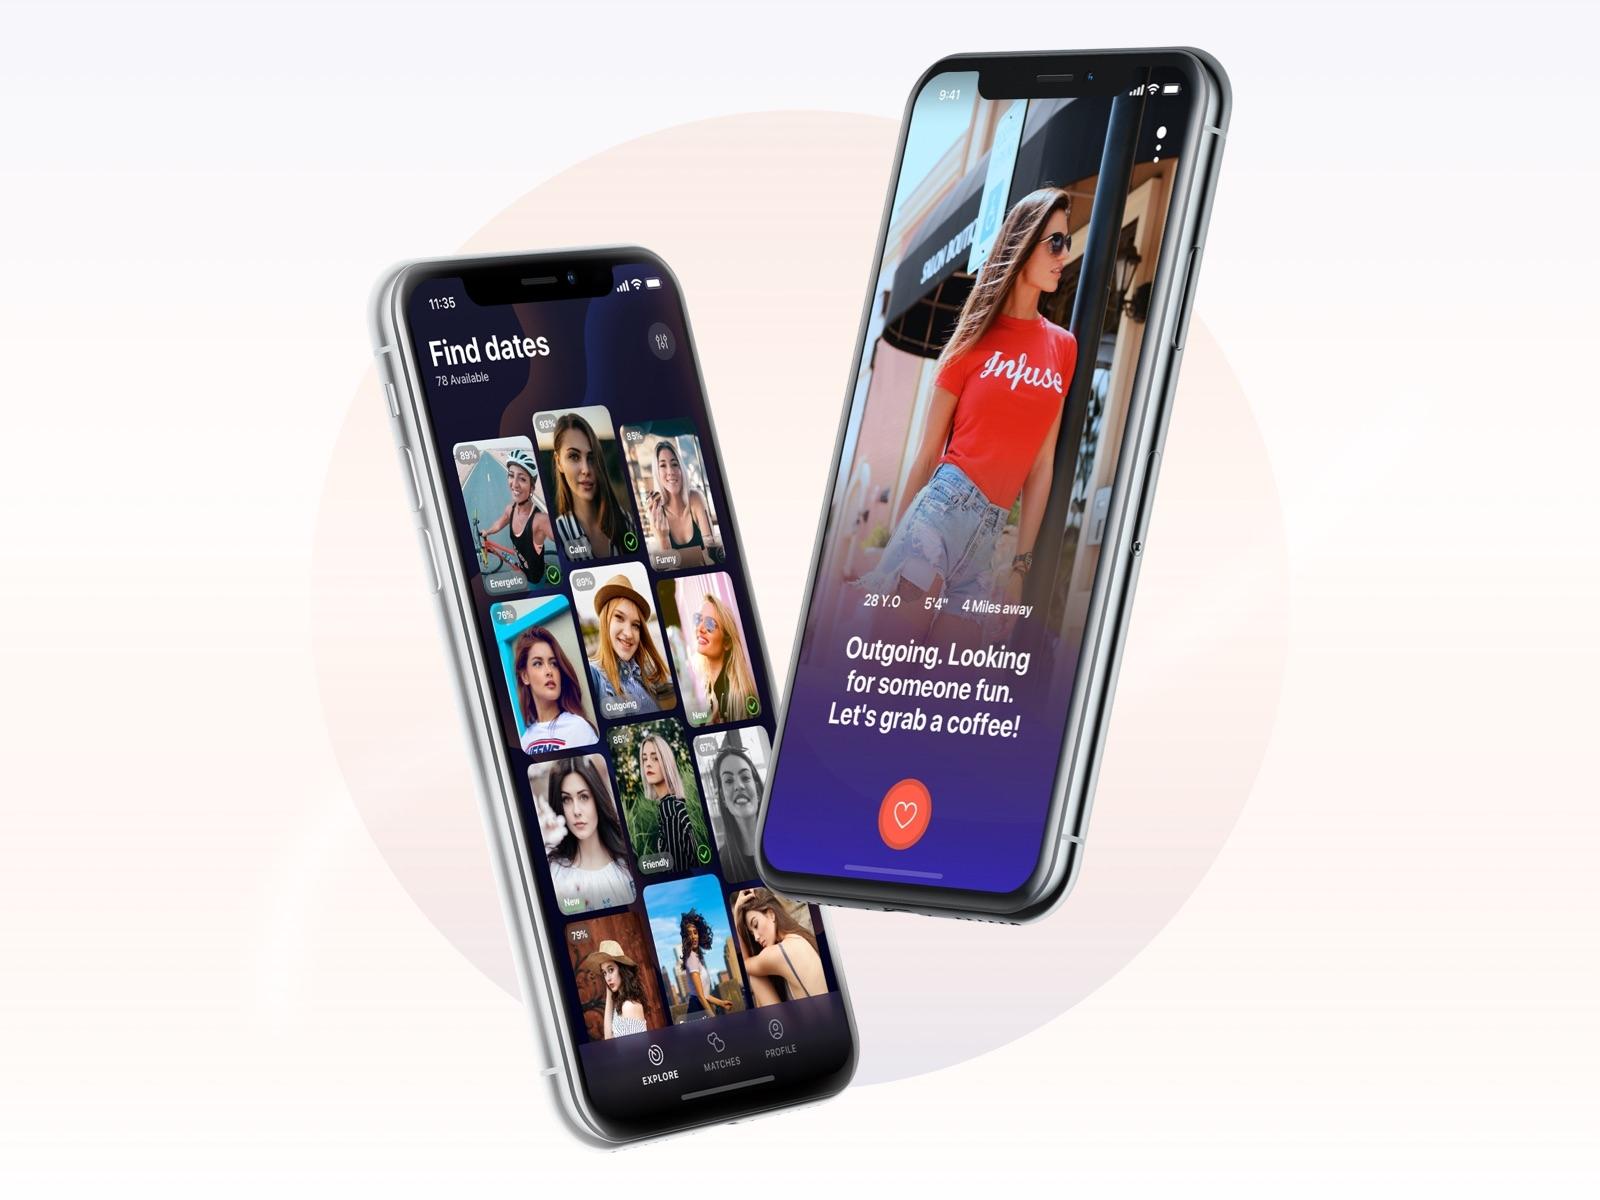 mode dating appSverige dating gratis sajt